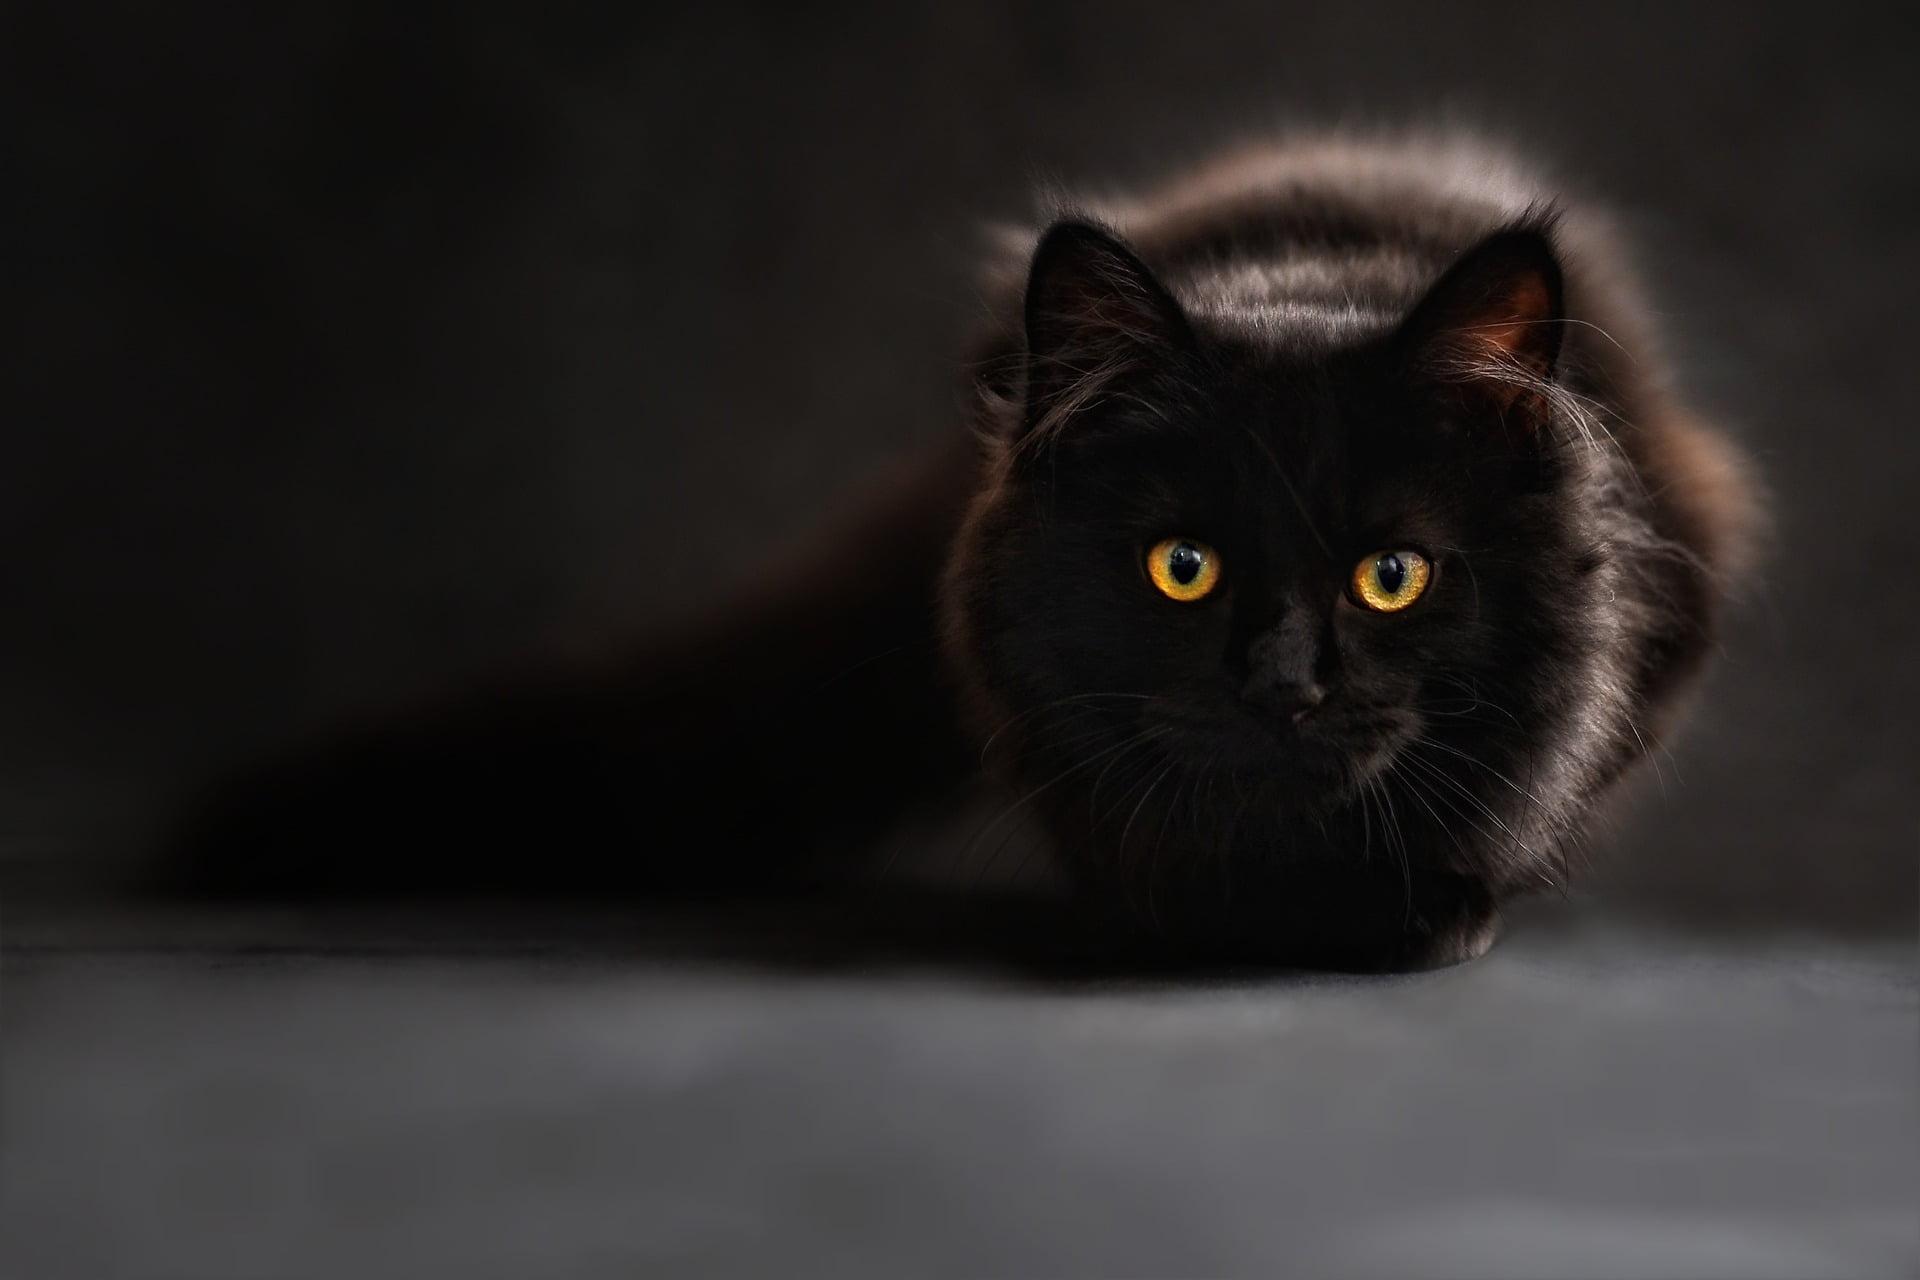 Kan katter och hundar smittas av covid-19 ?